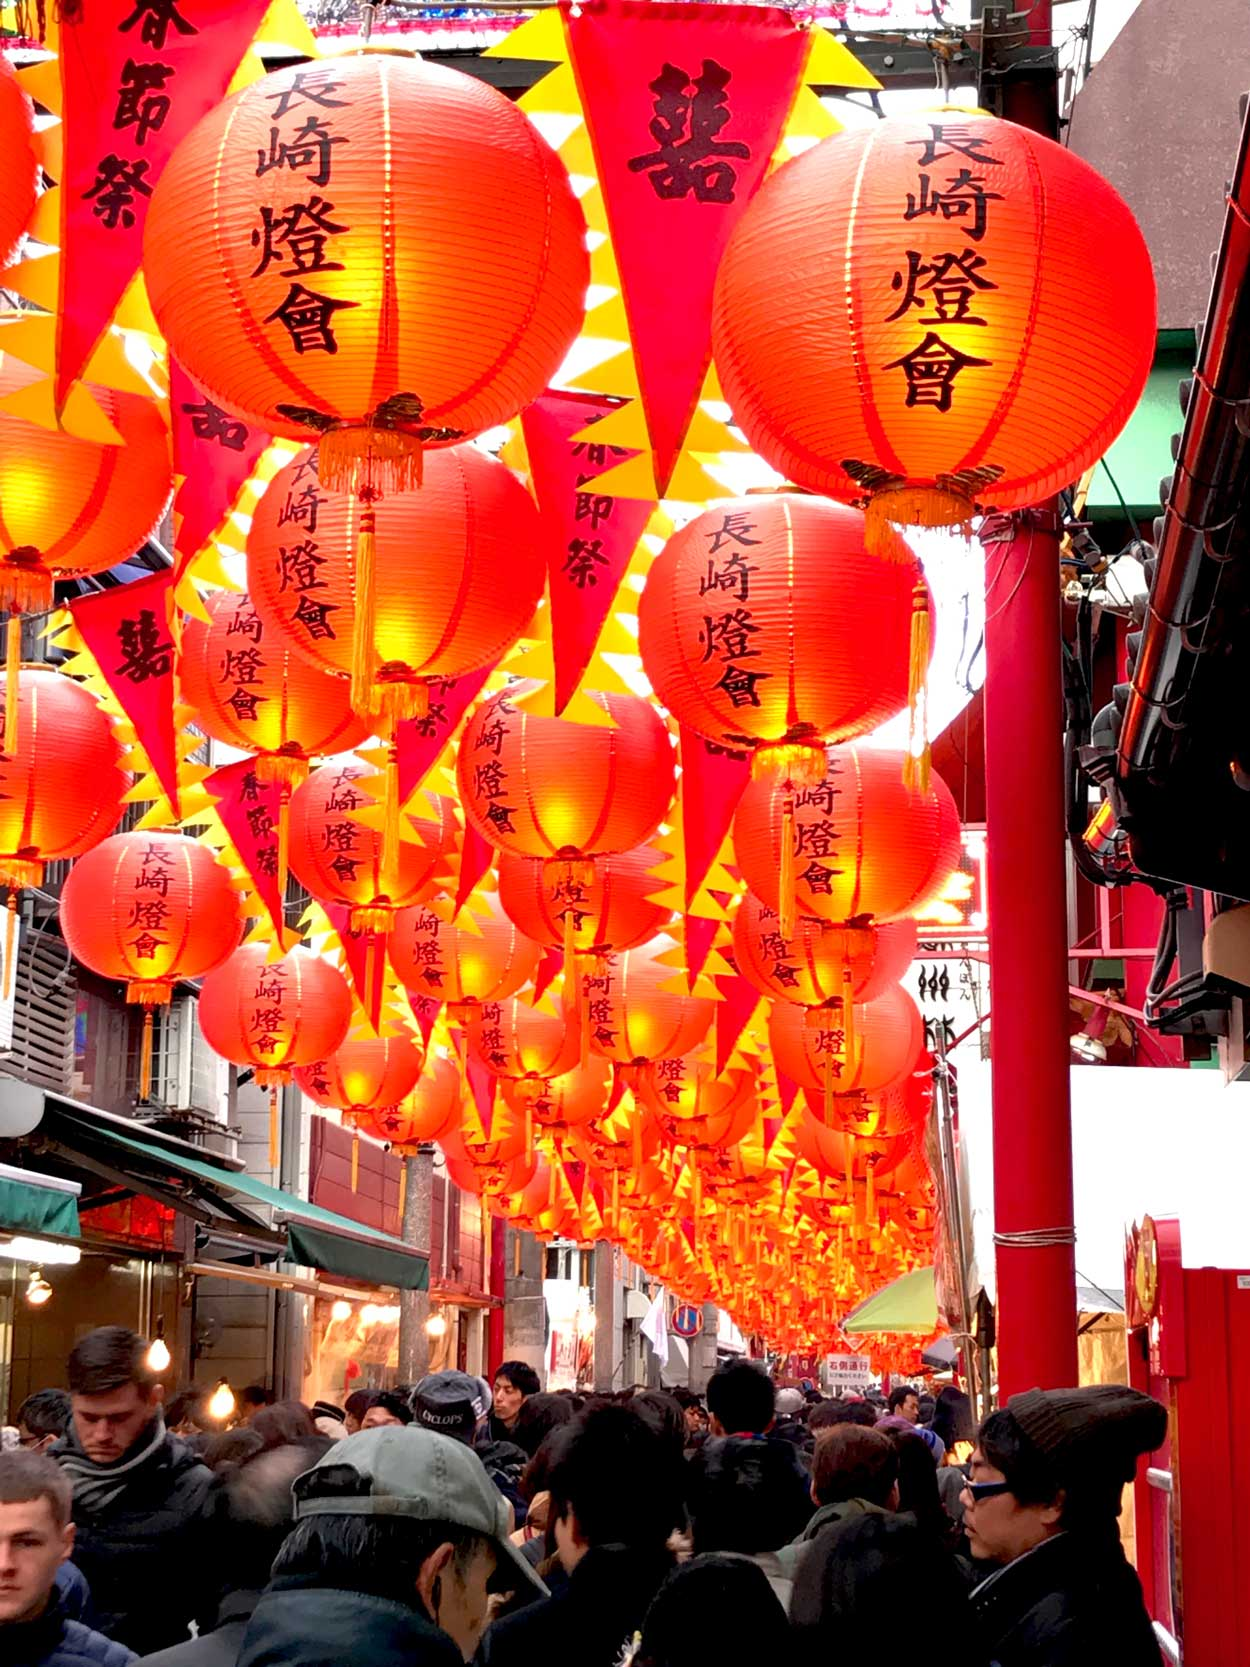 Nagasaki Lantern Festival during Chinese New Year